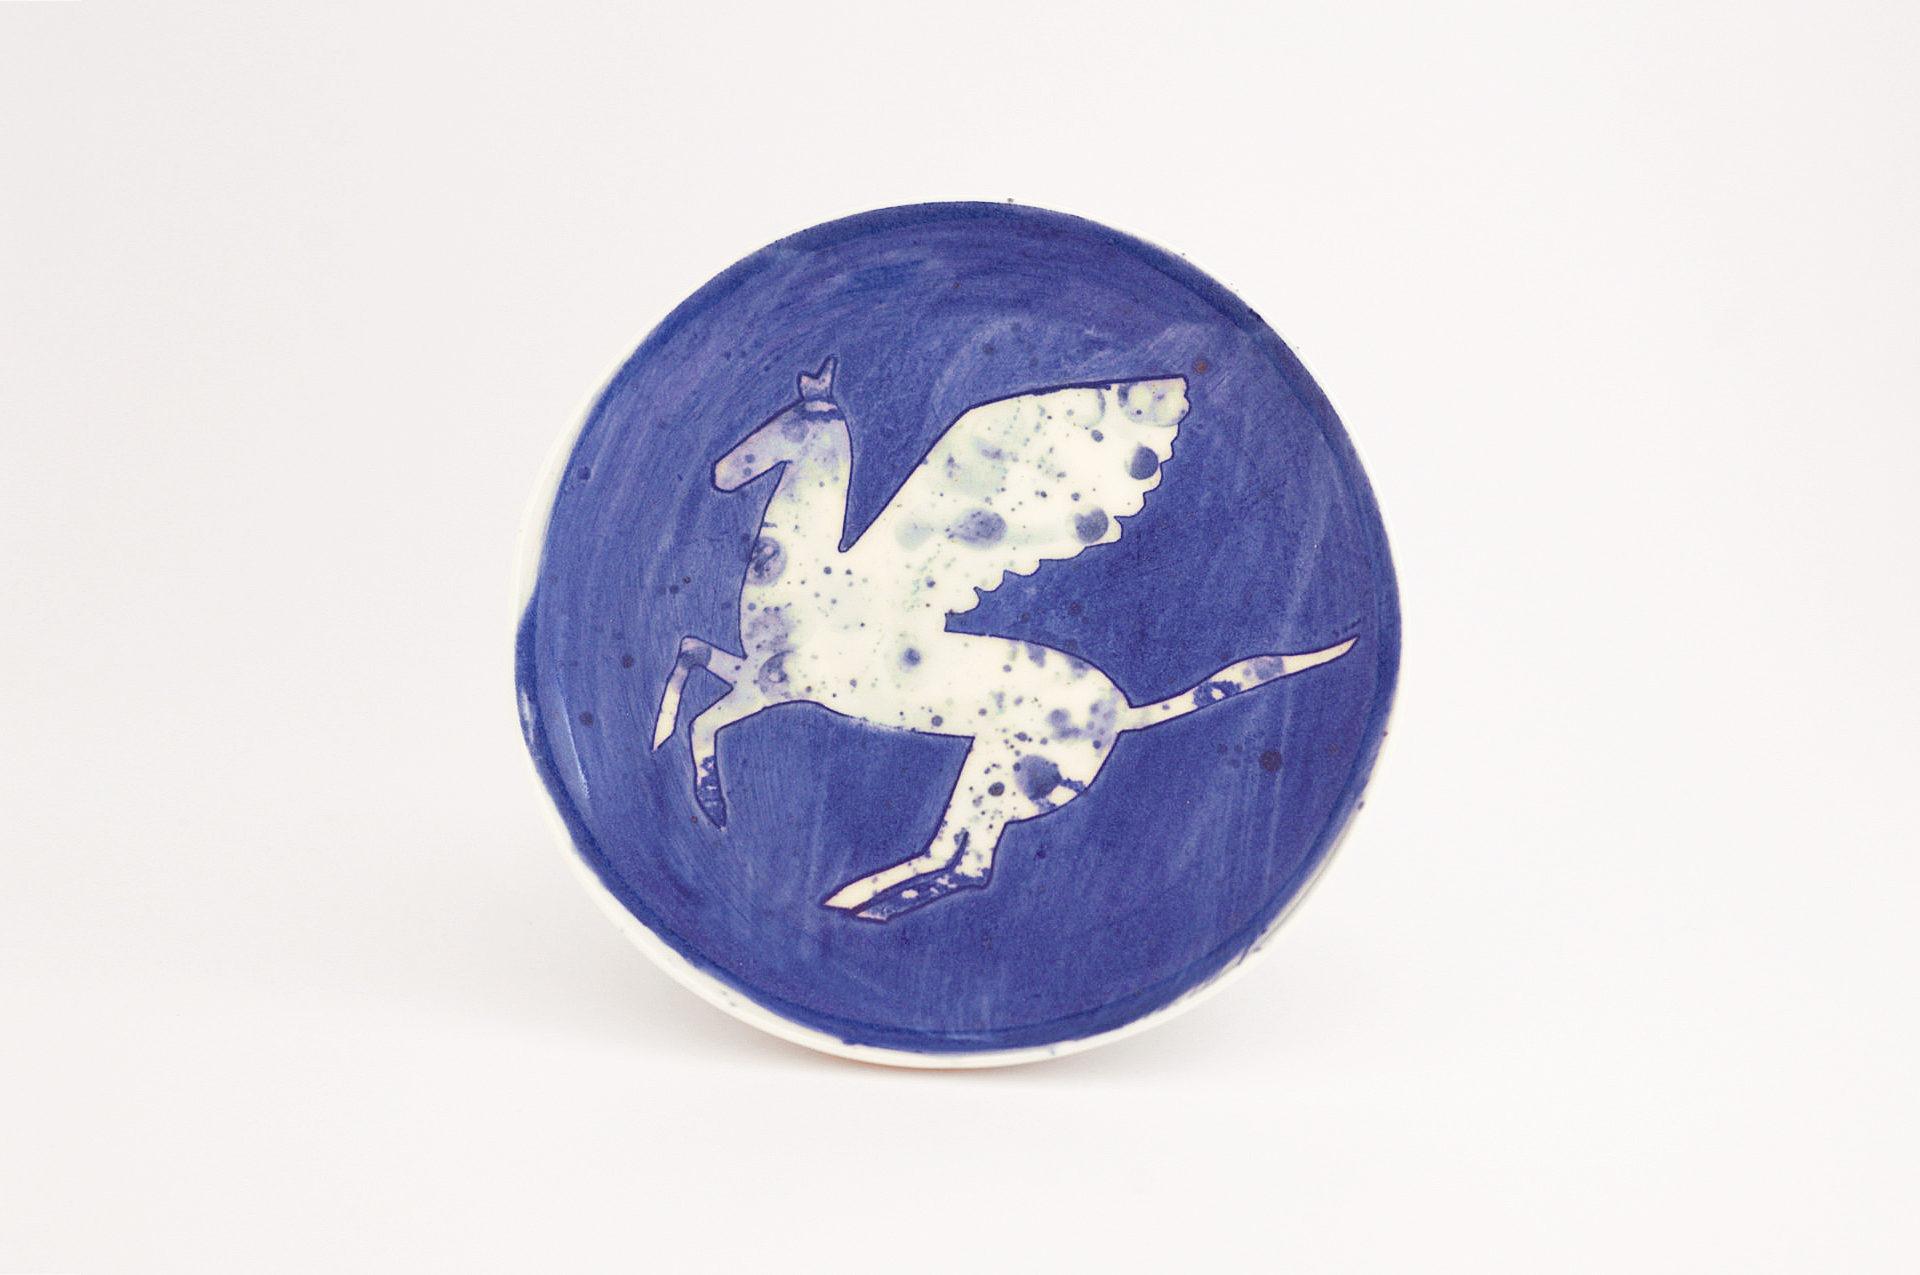 Julie Smeros Ceramics - Pegasus Plate - 2018